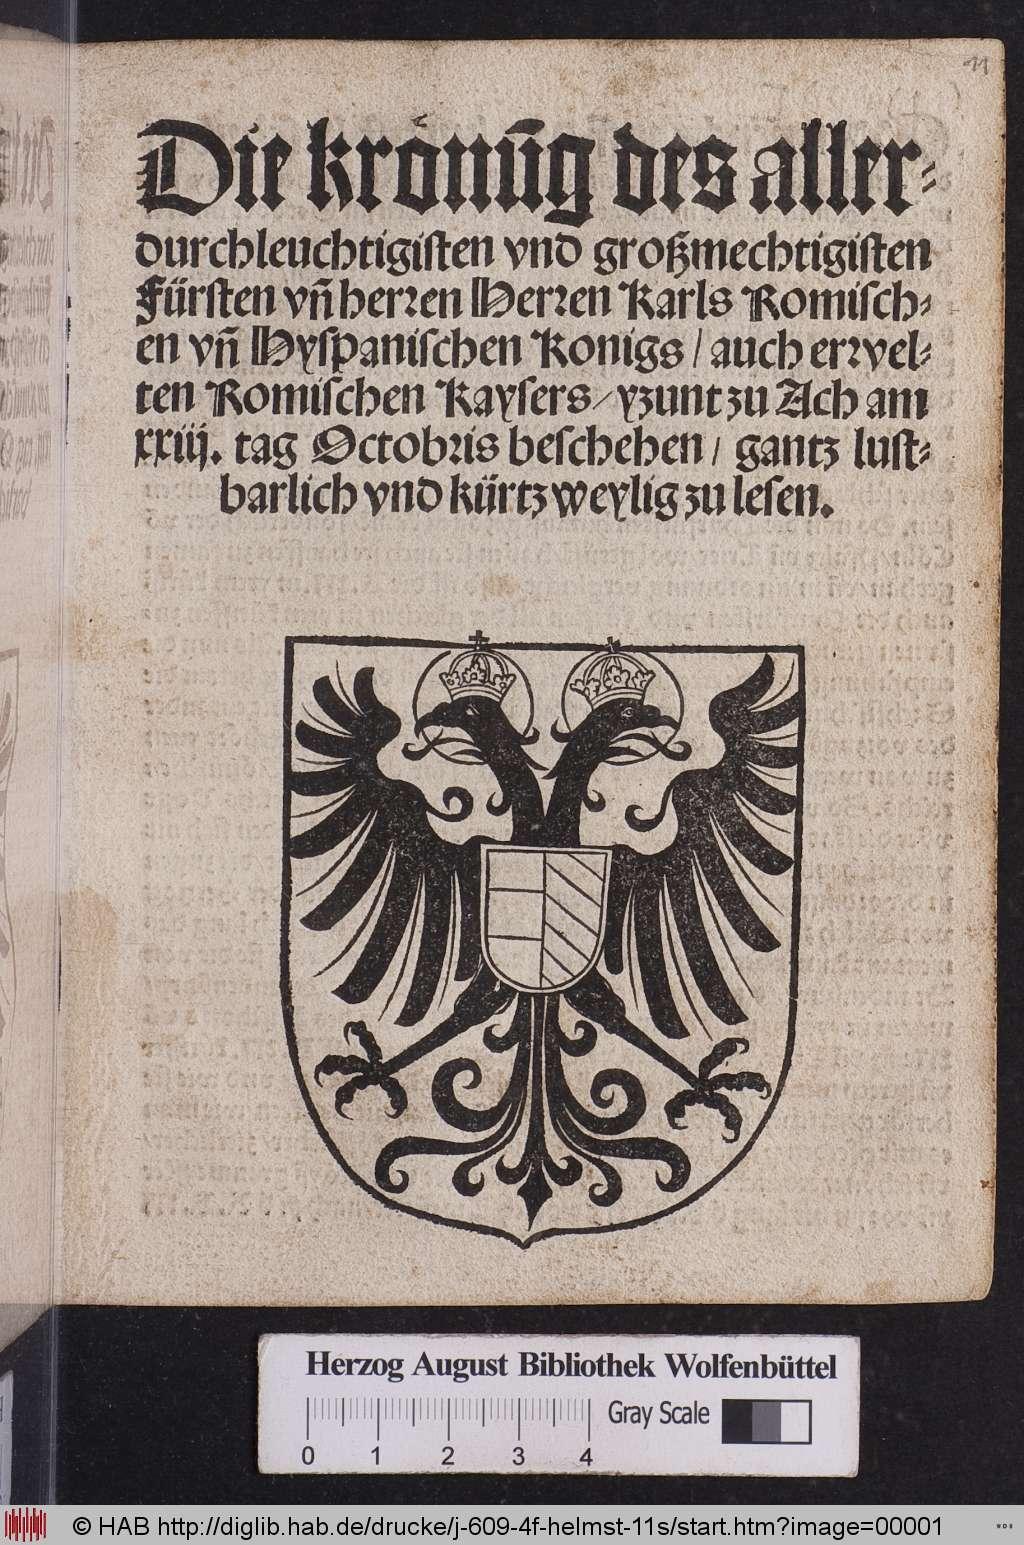 http://diglib.hab.de/drucke/j-609-4f-helmst-11s/00001.jpg